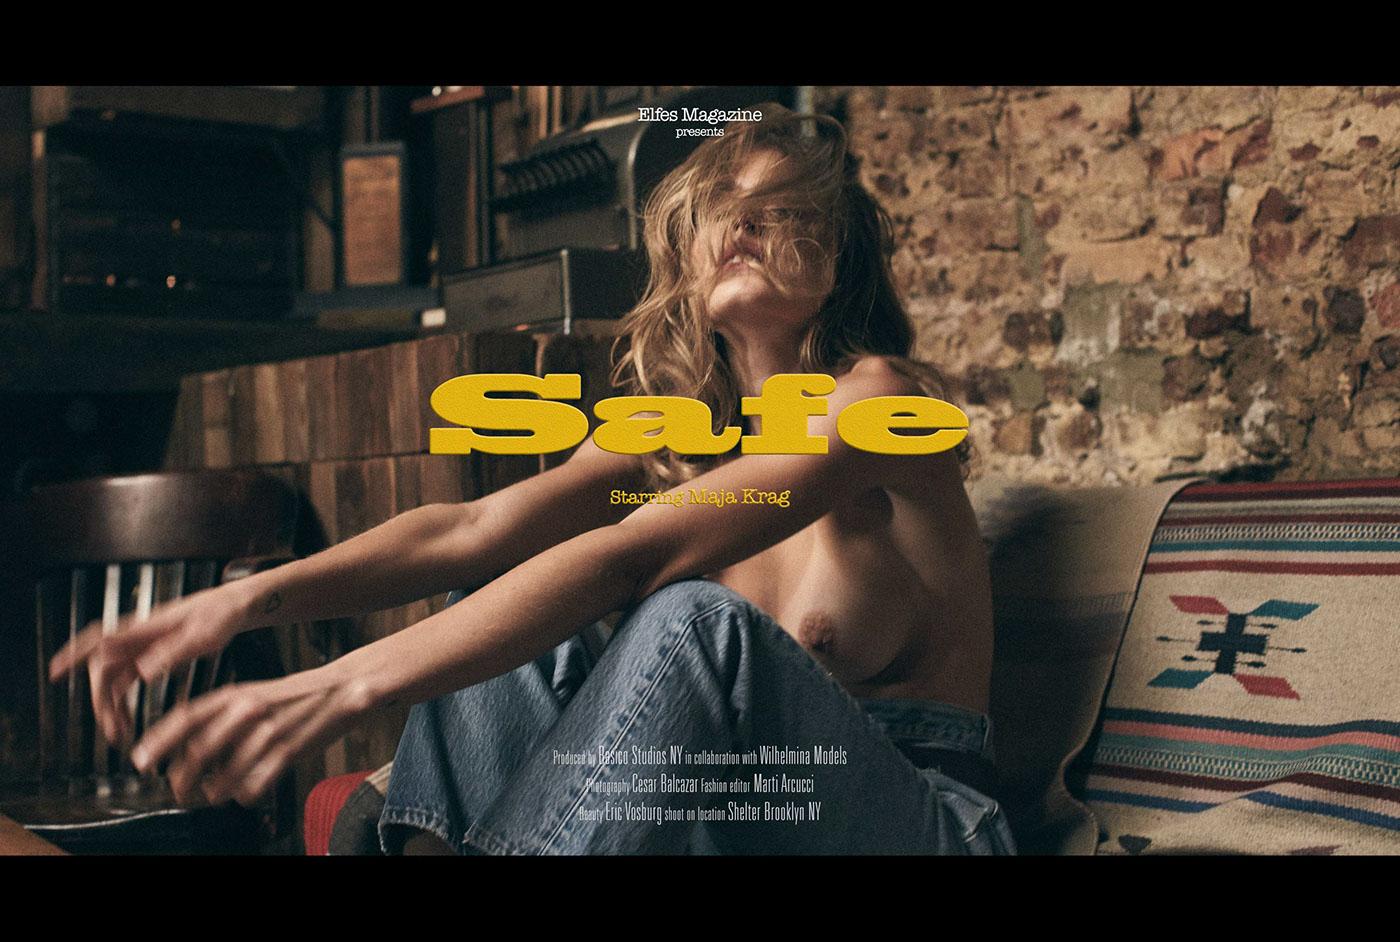 Maja Krag - Elfes Magazine / César Balcazar